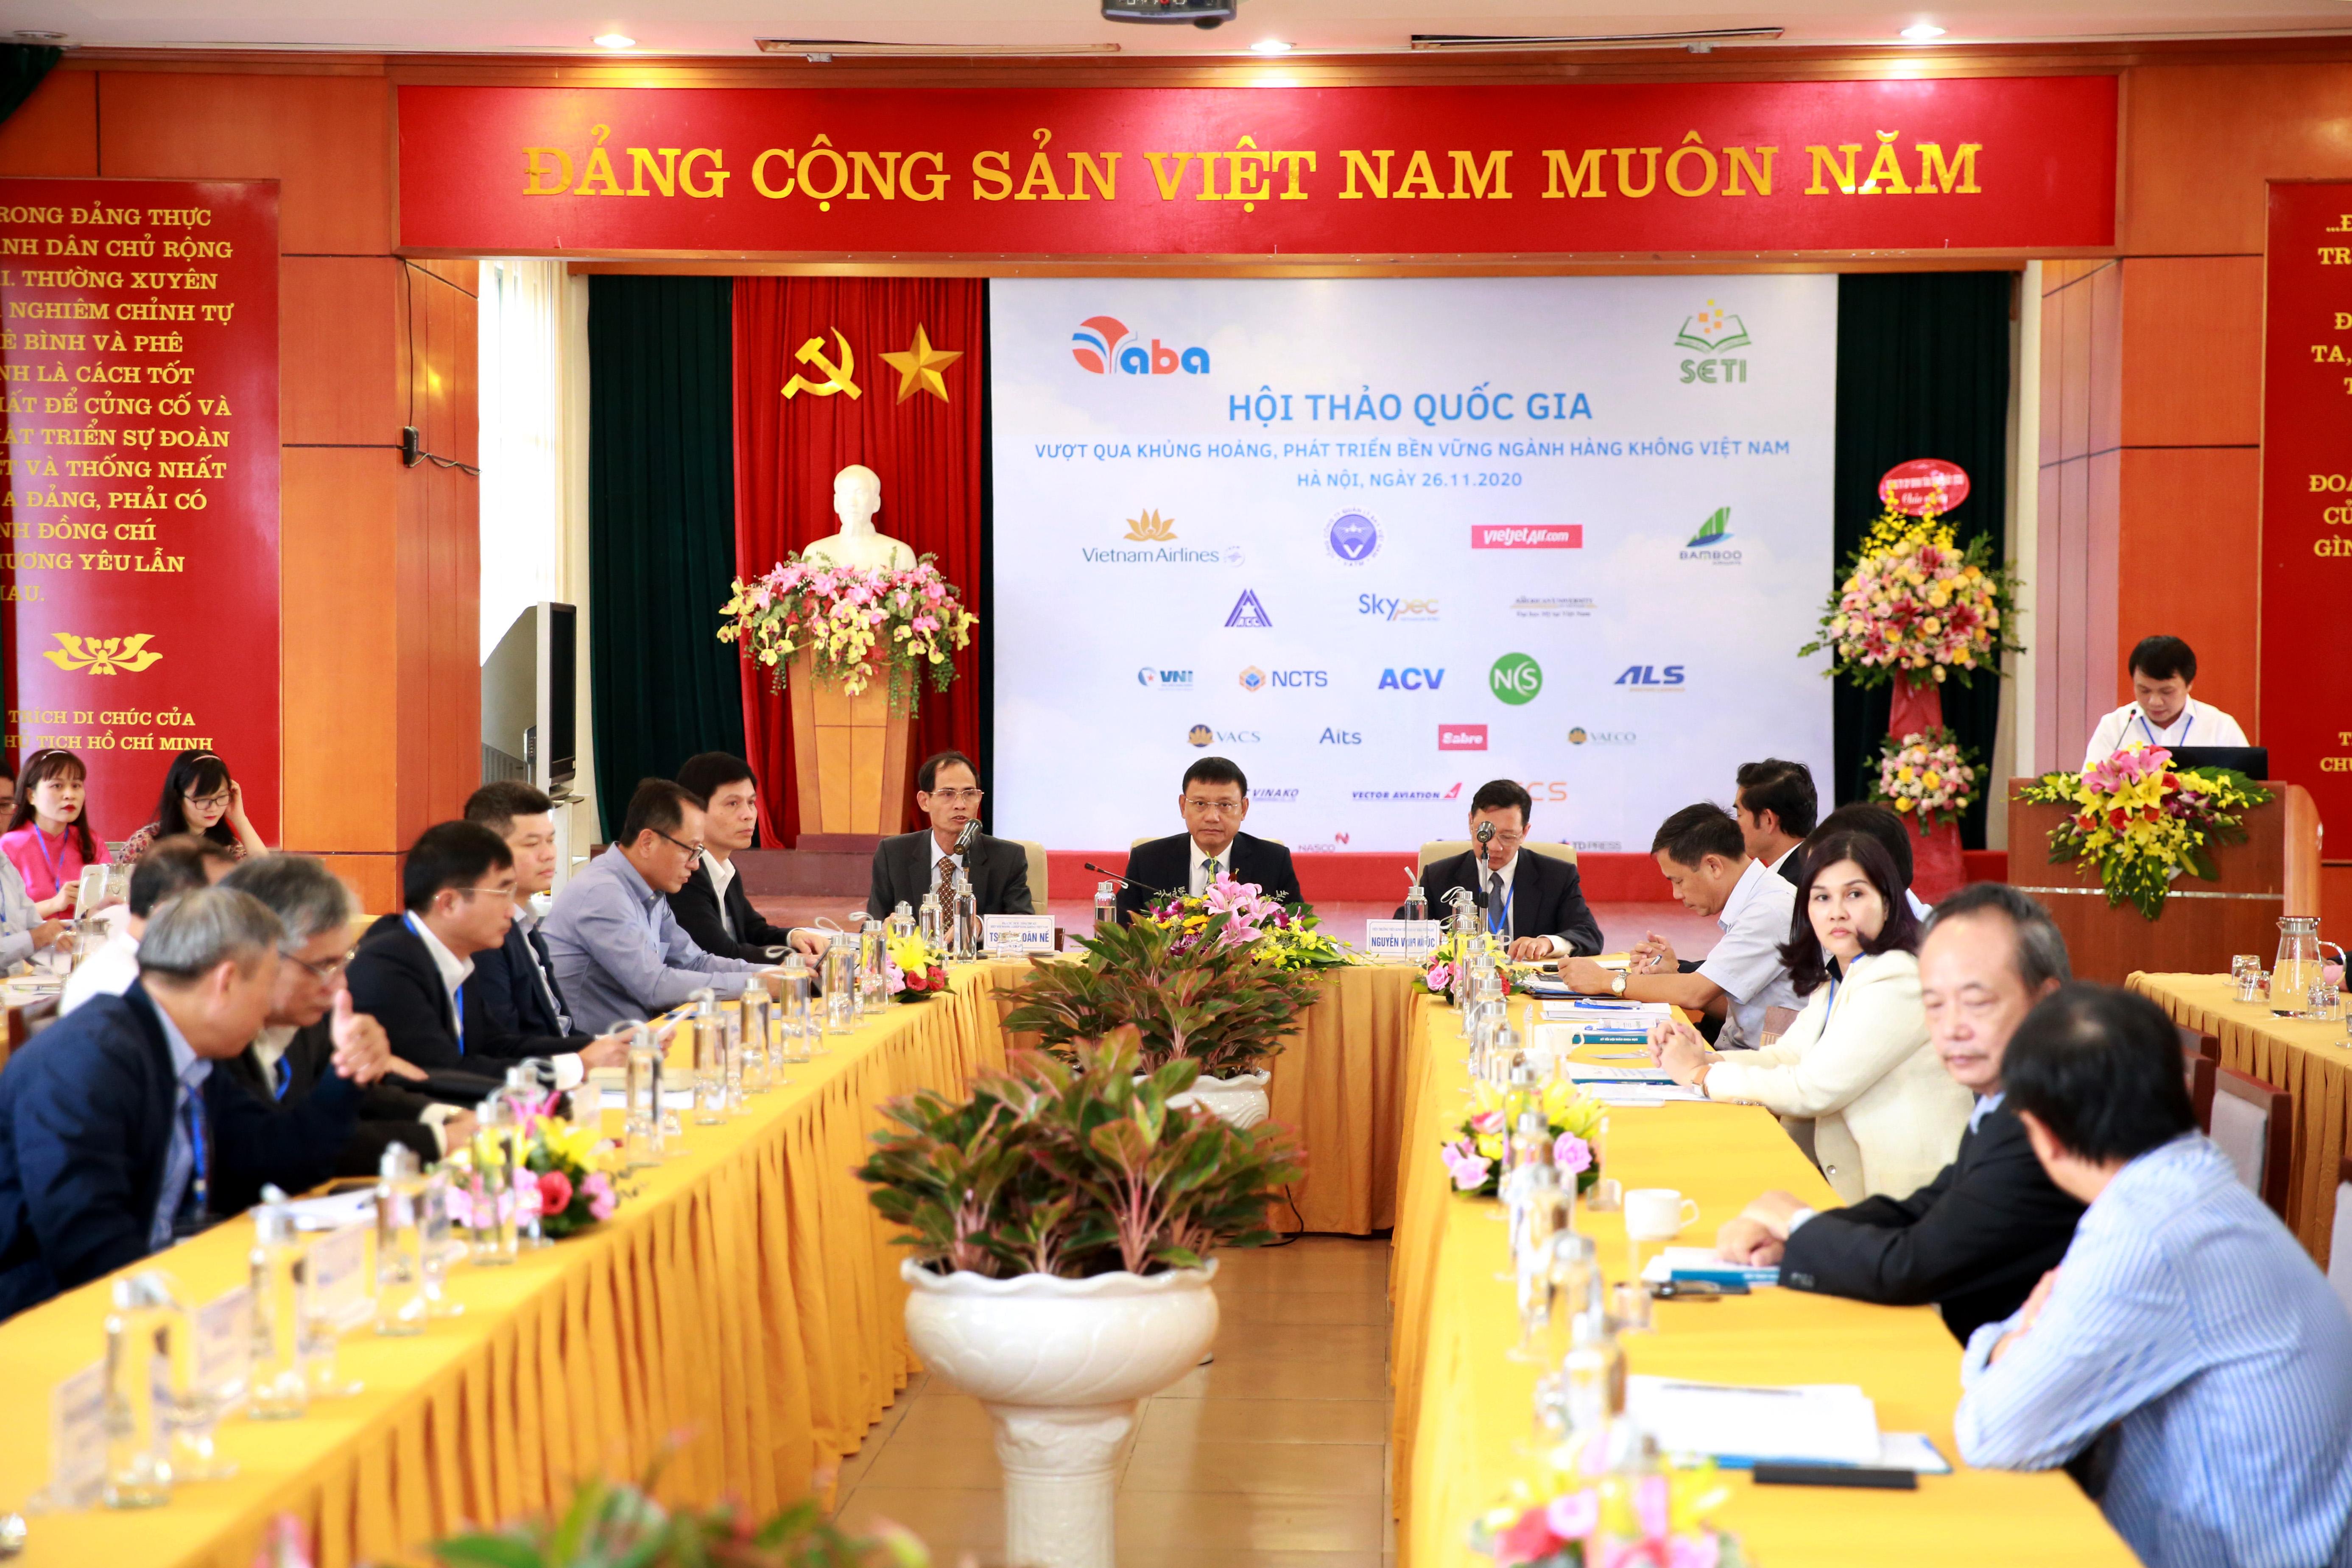 """Hội thảo """"Vượt qua khủng hoảng, phát triển bền vững ngành Hàng không Việt Nam"""""""